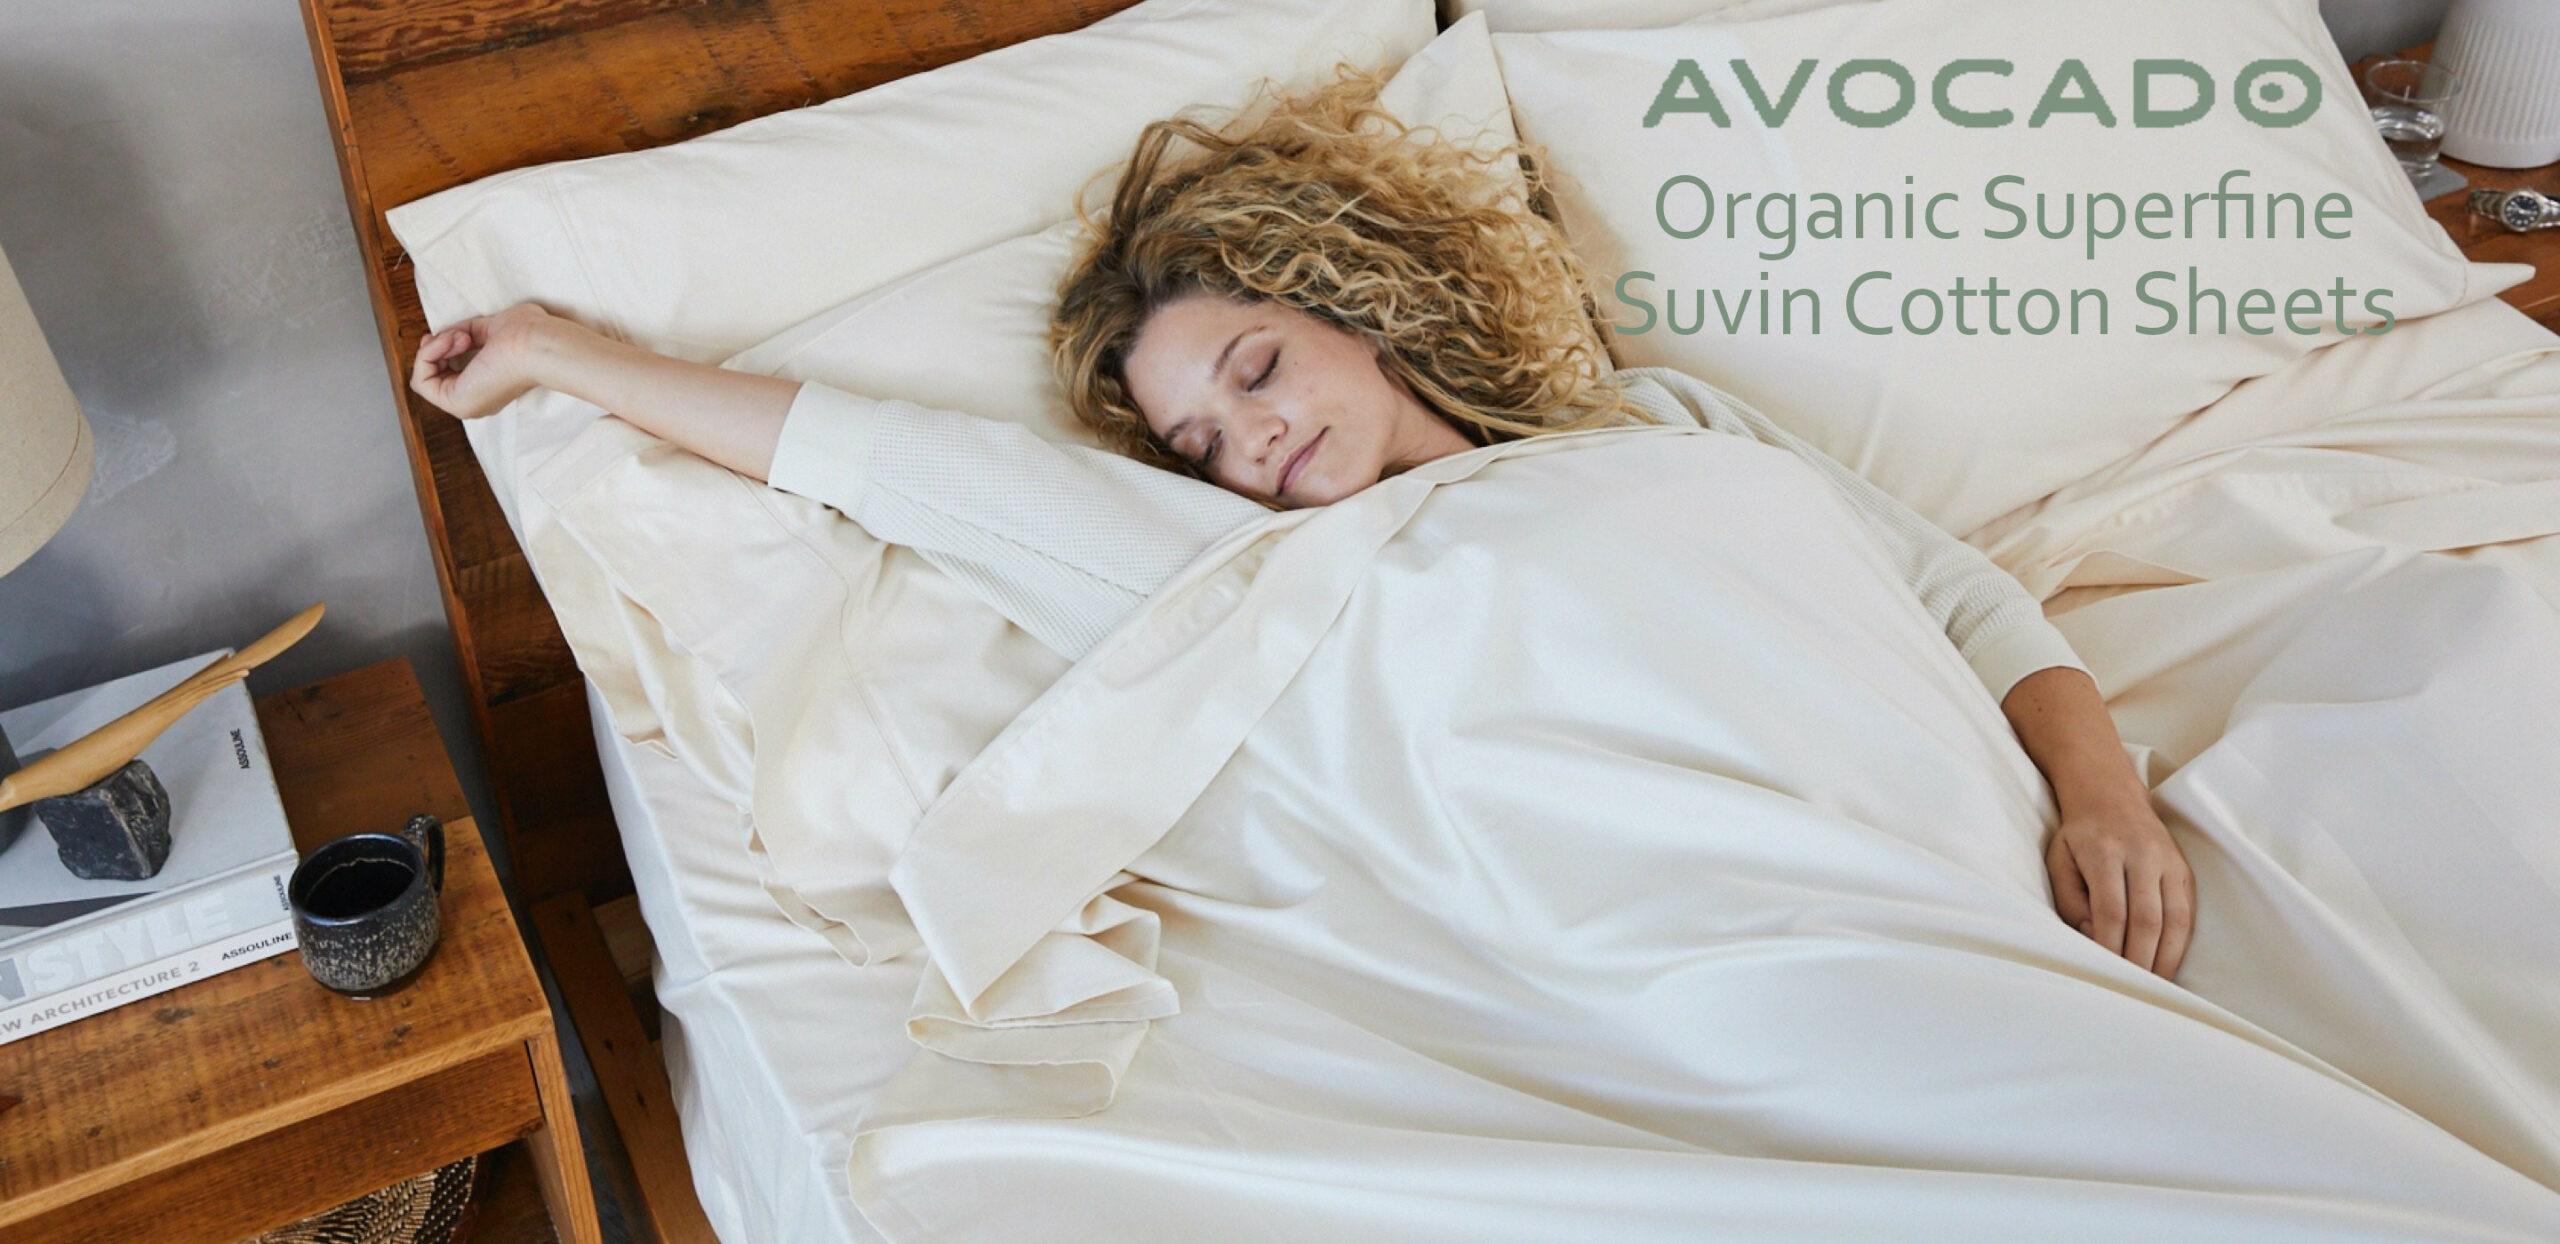 avocado organic superfine suvin cotton sheets